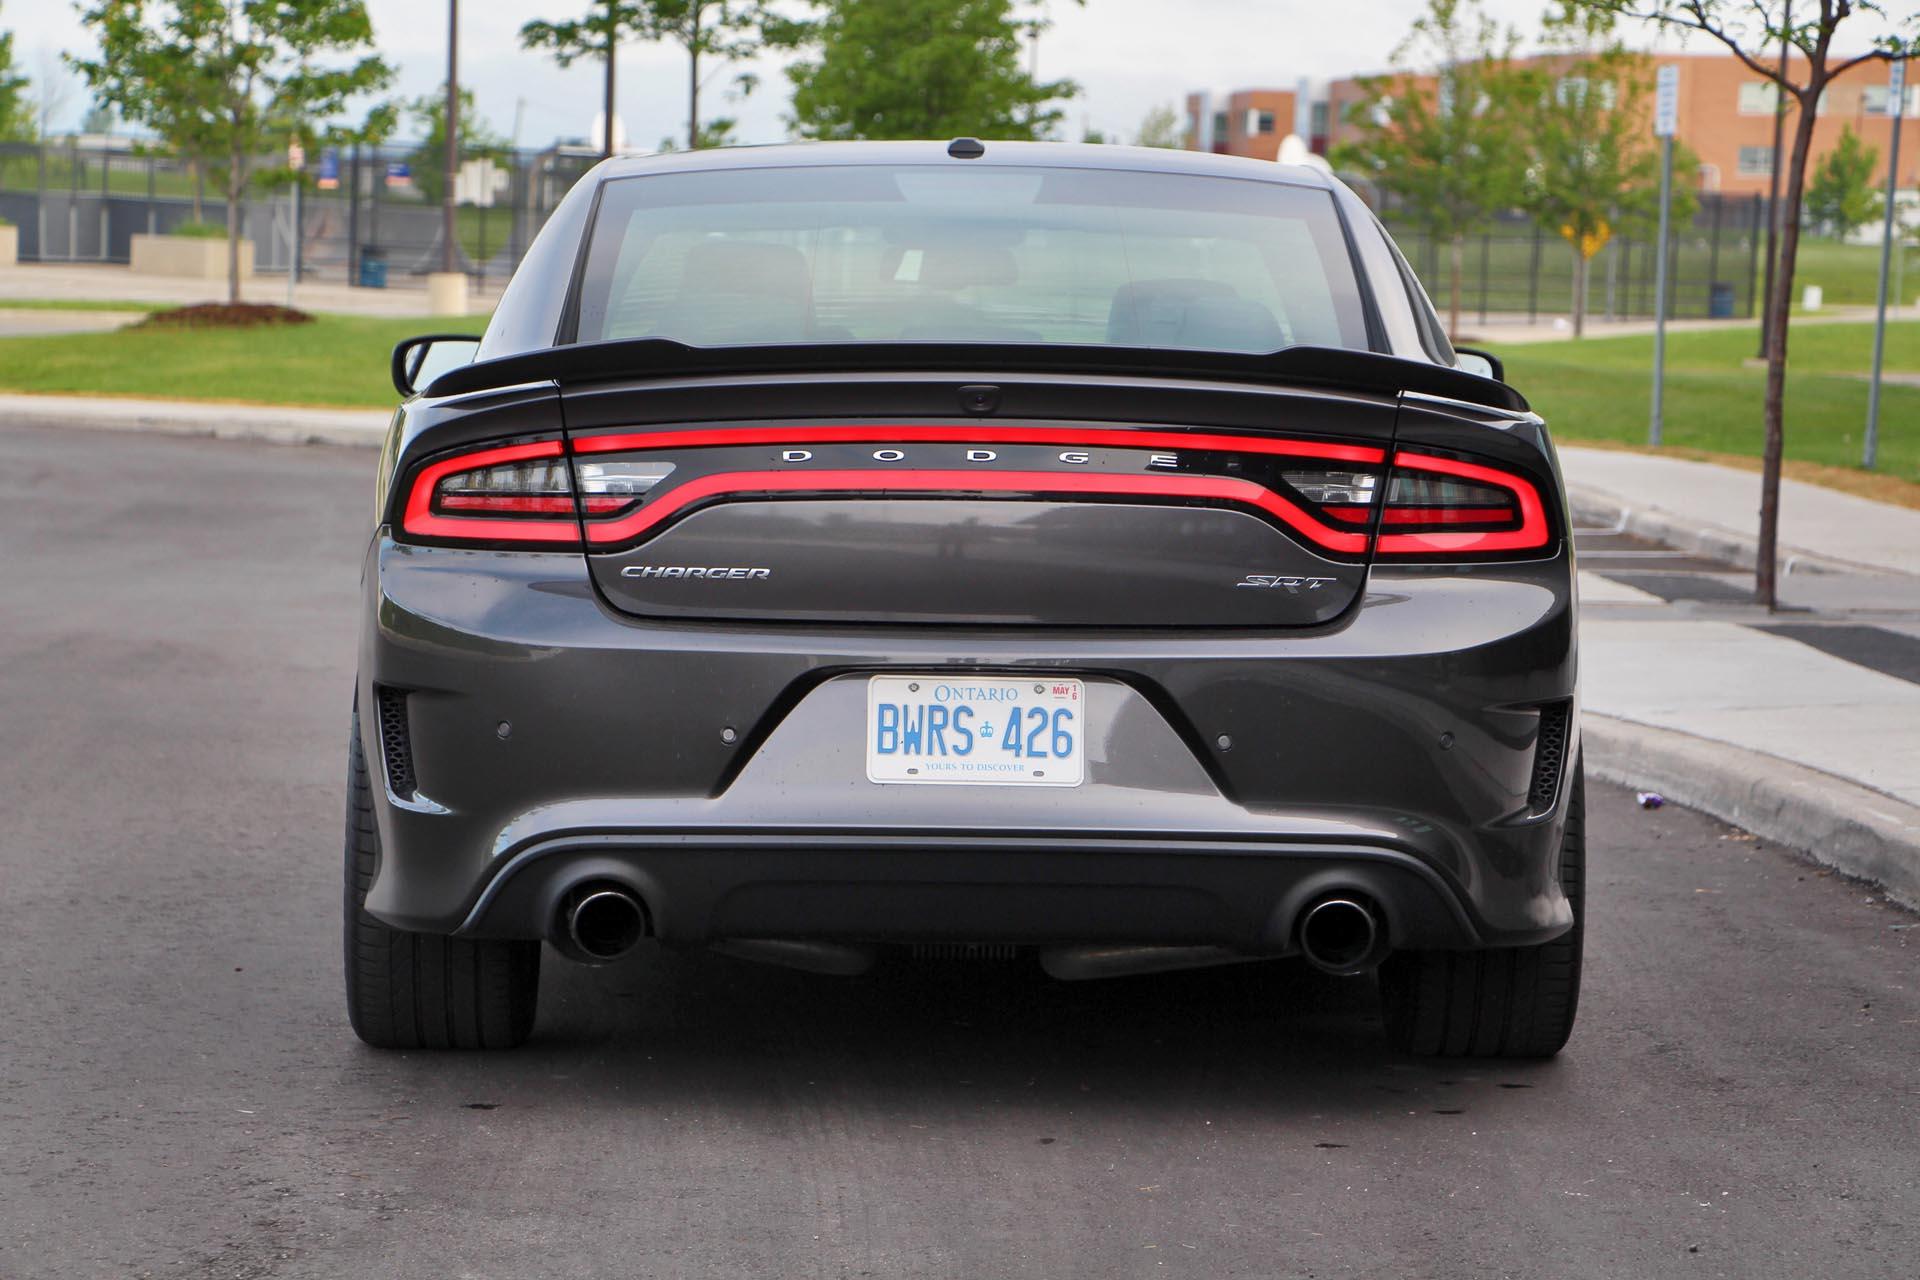 2015 Dodge Charger Srt Hellcat Autos Ca